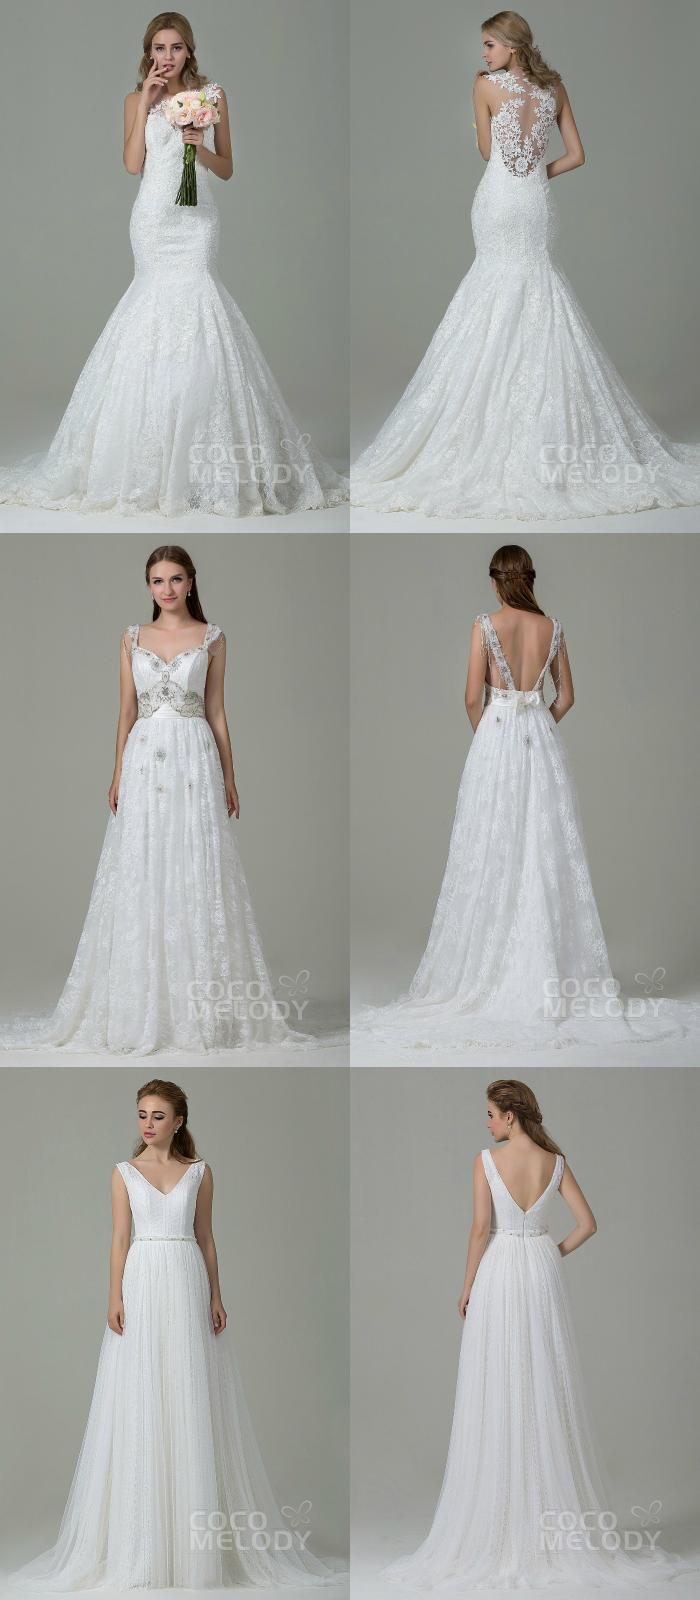 Cocomelody: Vestidos de noivas com decotes nas costas, backless gown, cocomelody